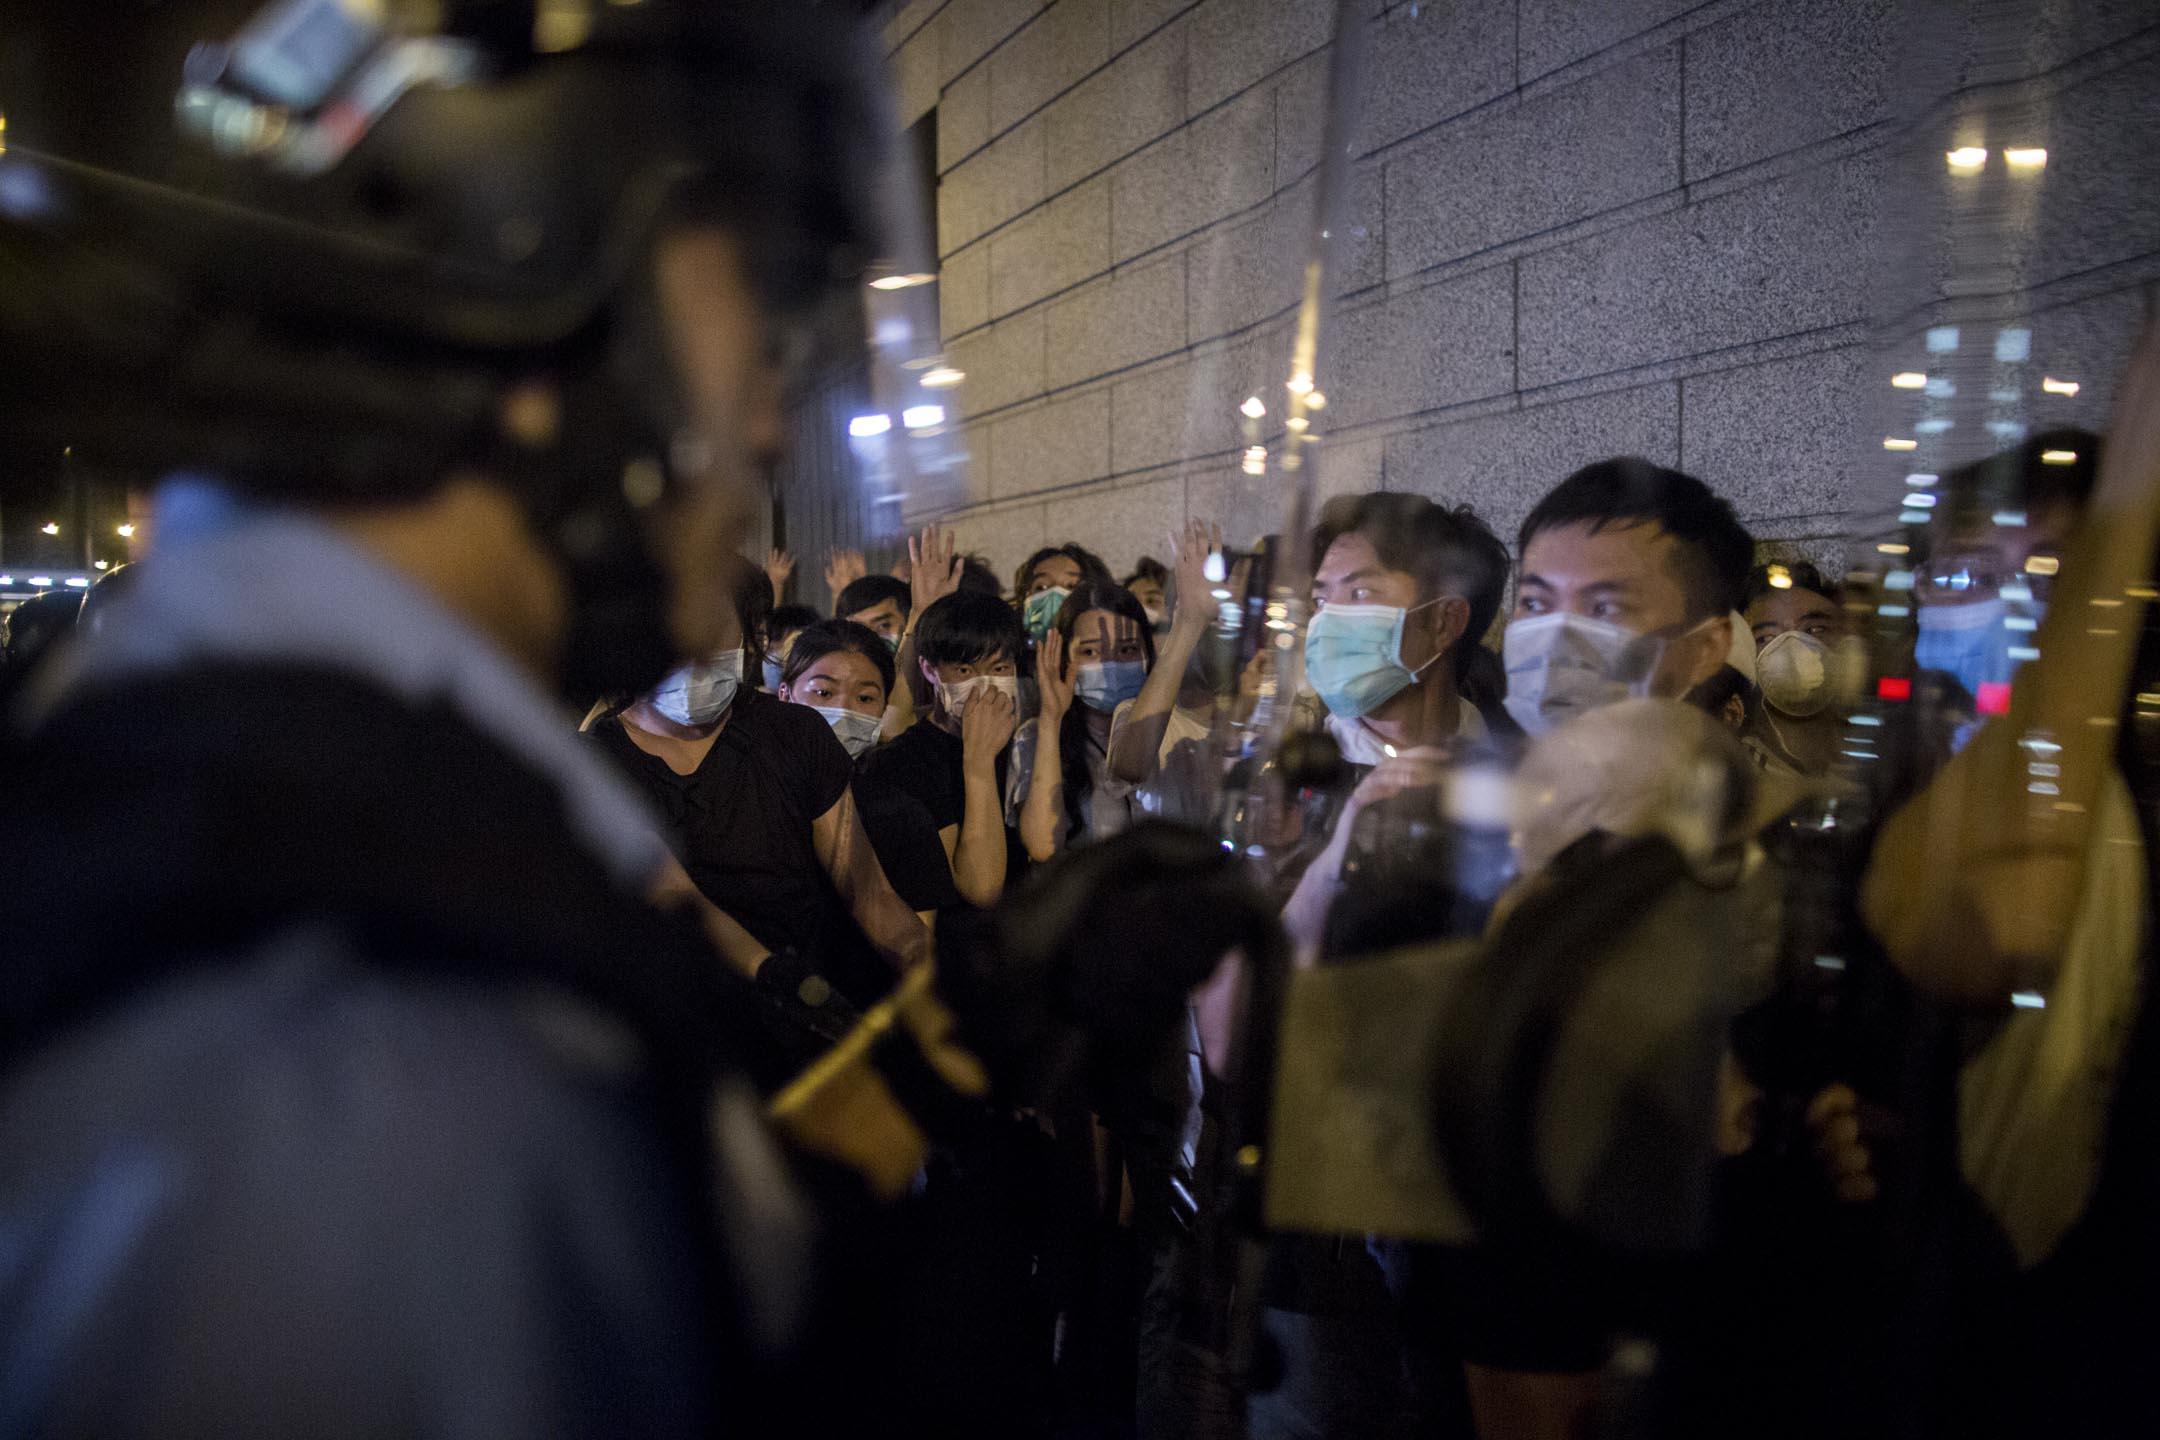 2019年6月10日凌晨約3時,示威者在舊灣仔警署被迫向牆角。